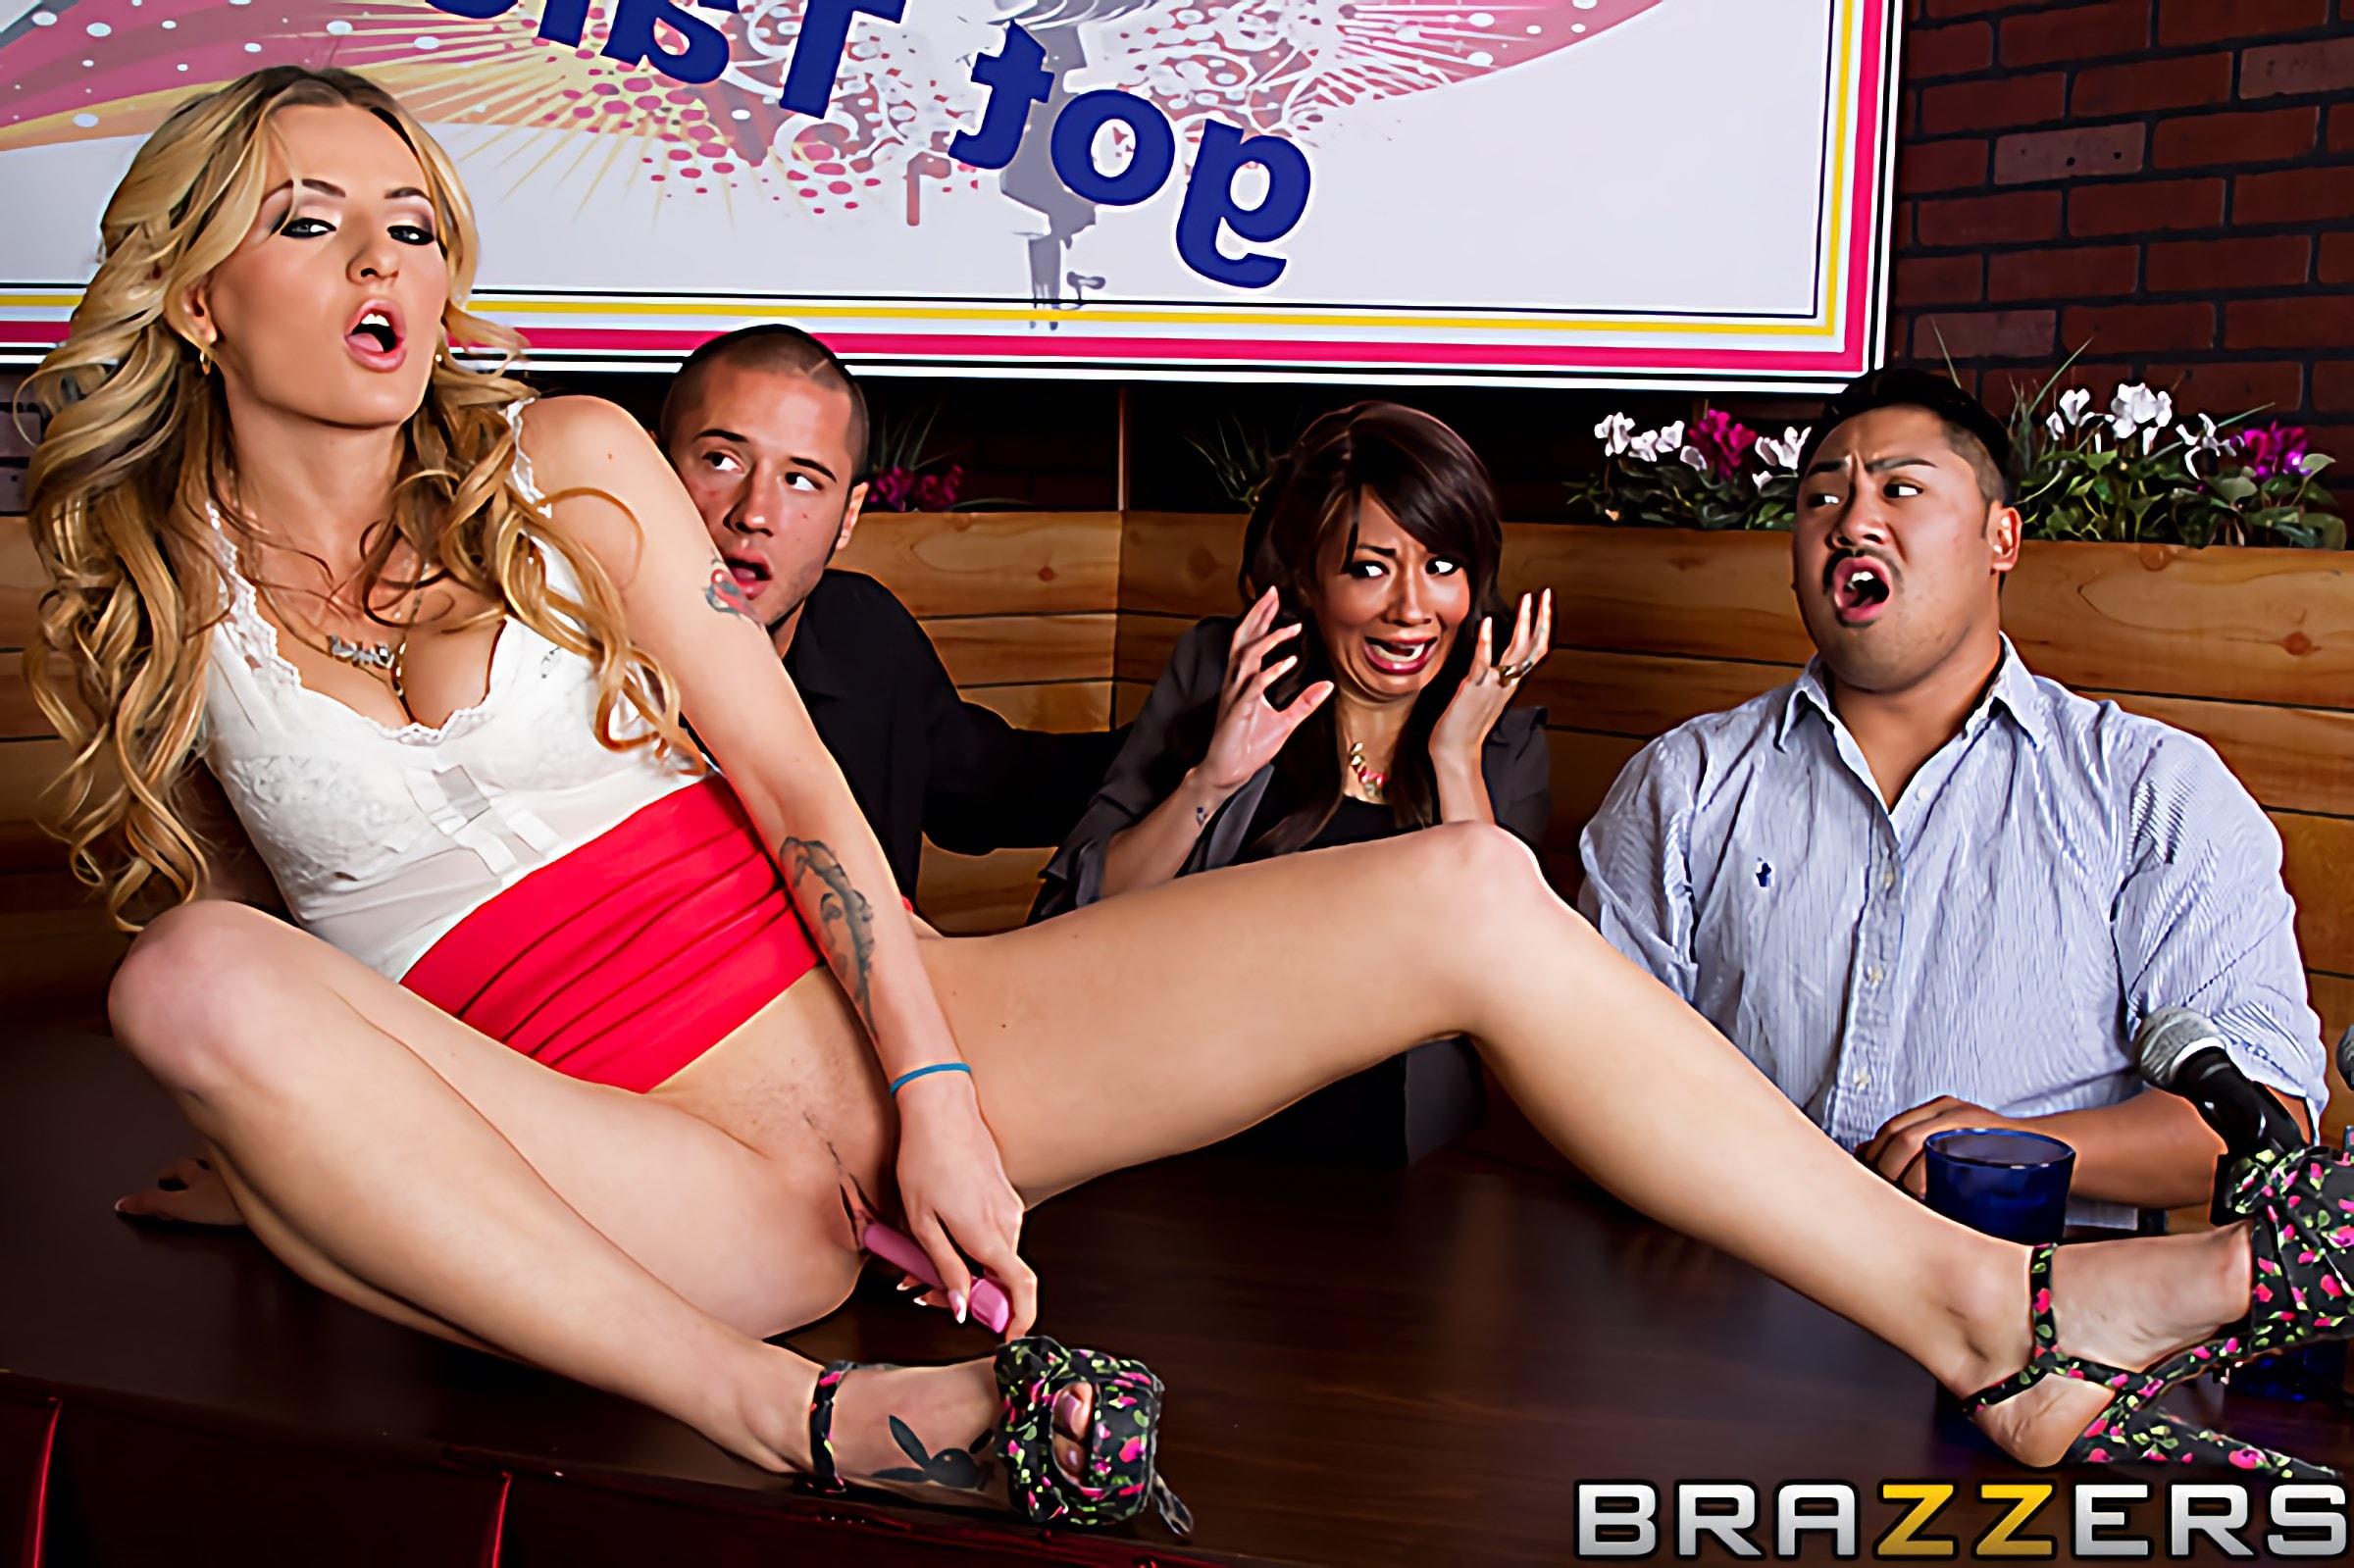 Brazzers 'ZZs Got Talent' starring Natasha Starr (Photo 2)